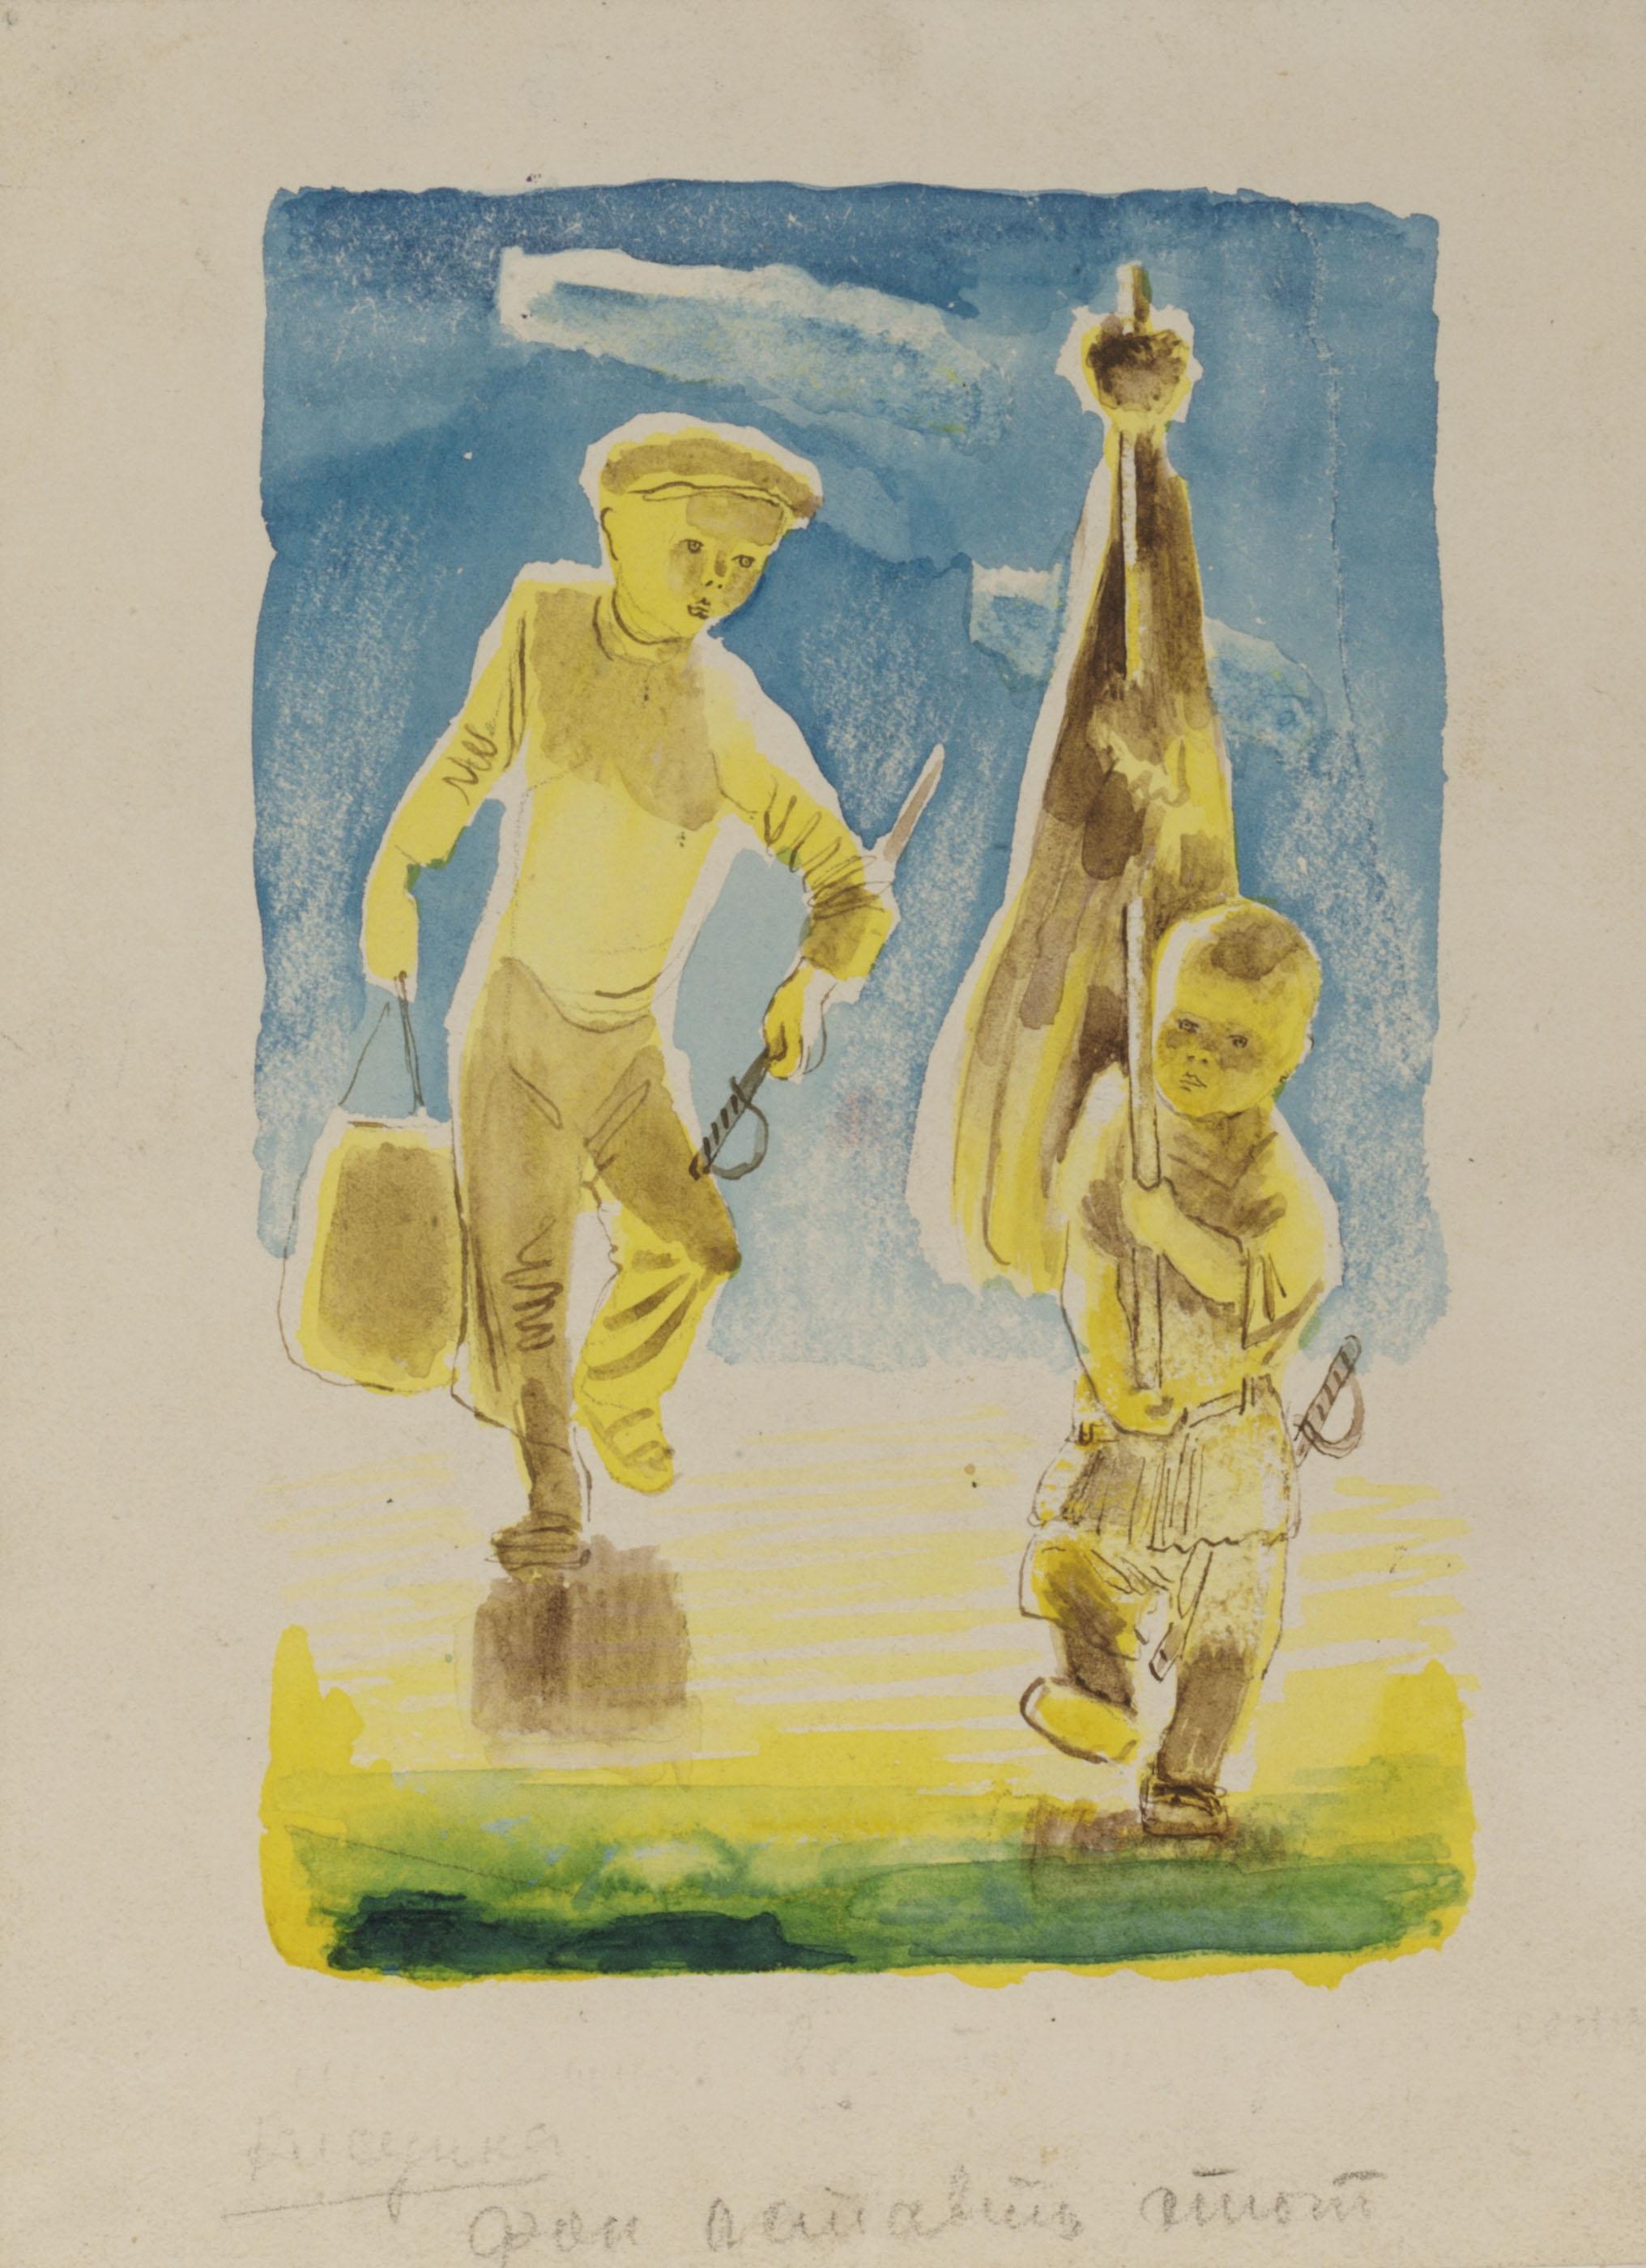 Illustration to A.N. Tolstoy's book 'KAK NI V CHEM NE BYVALO, 1928 - Alexei Pakhomov